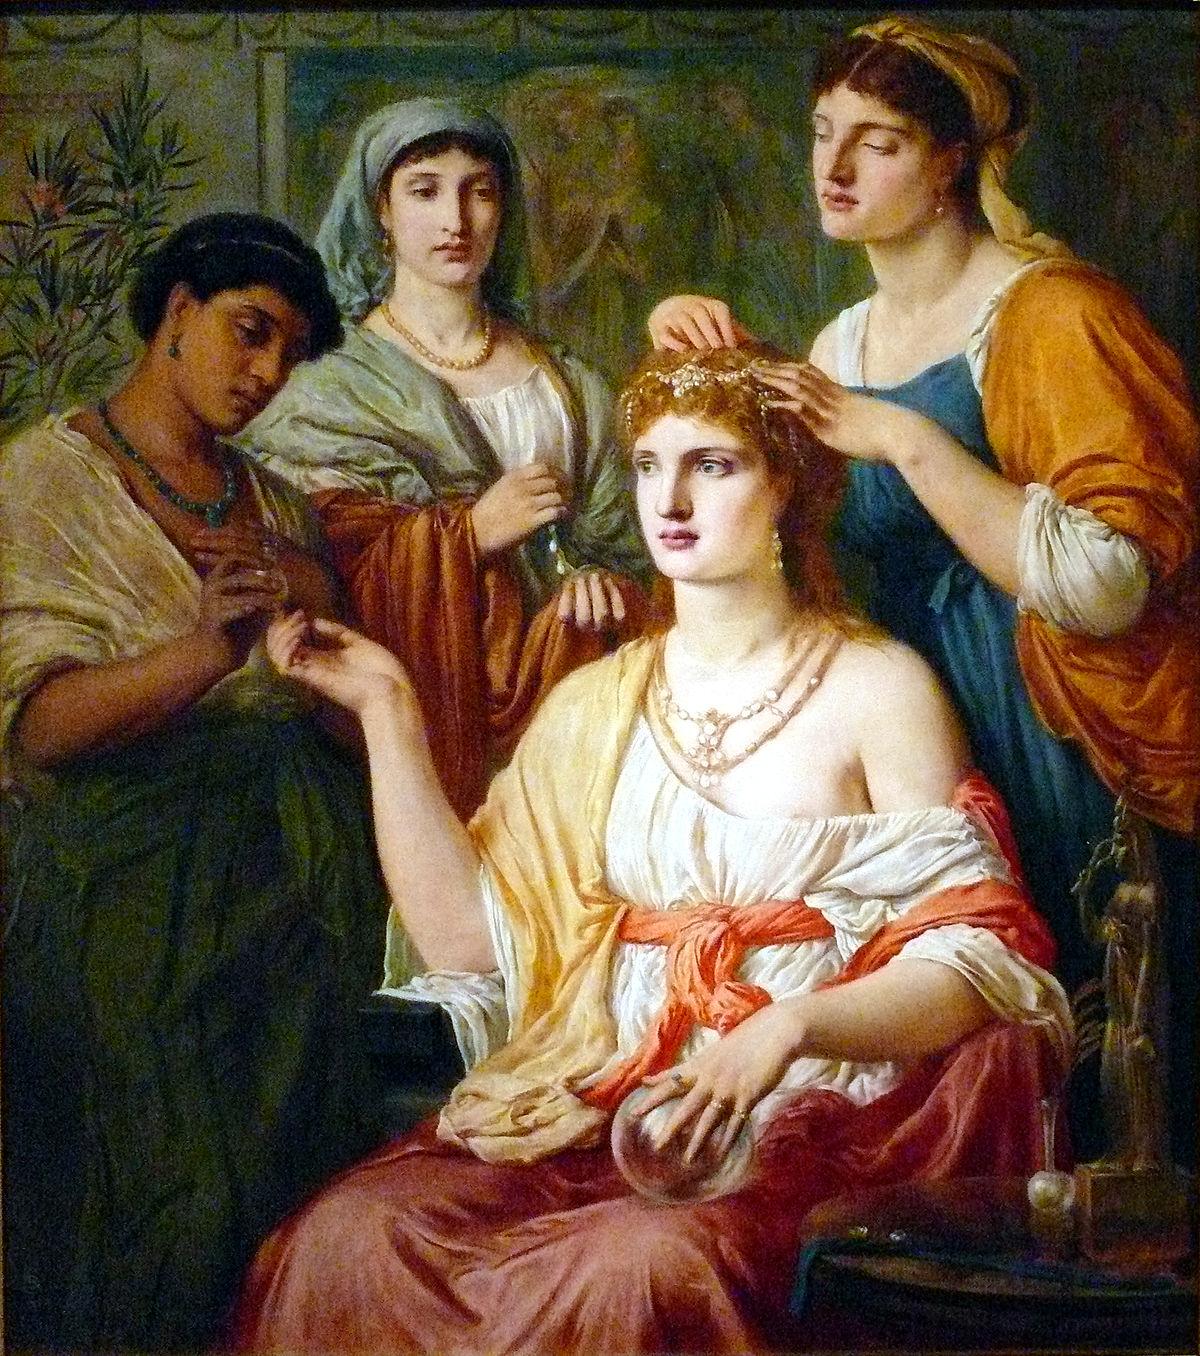 Le Camere Da Letto Degli Antichi Romani : Toeletta mattutina nell antica roma wikipedia